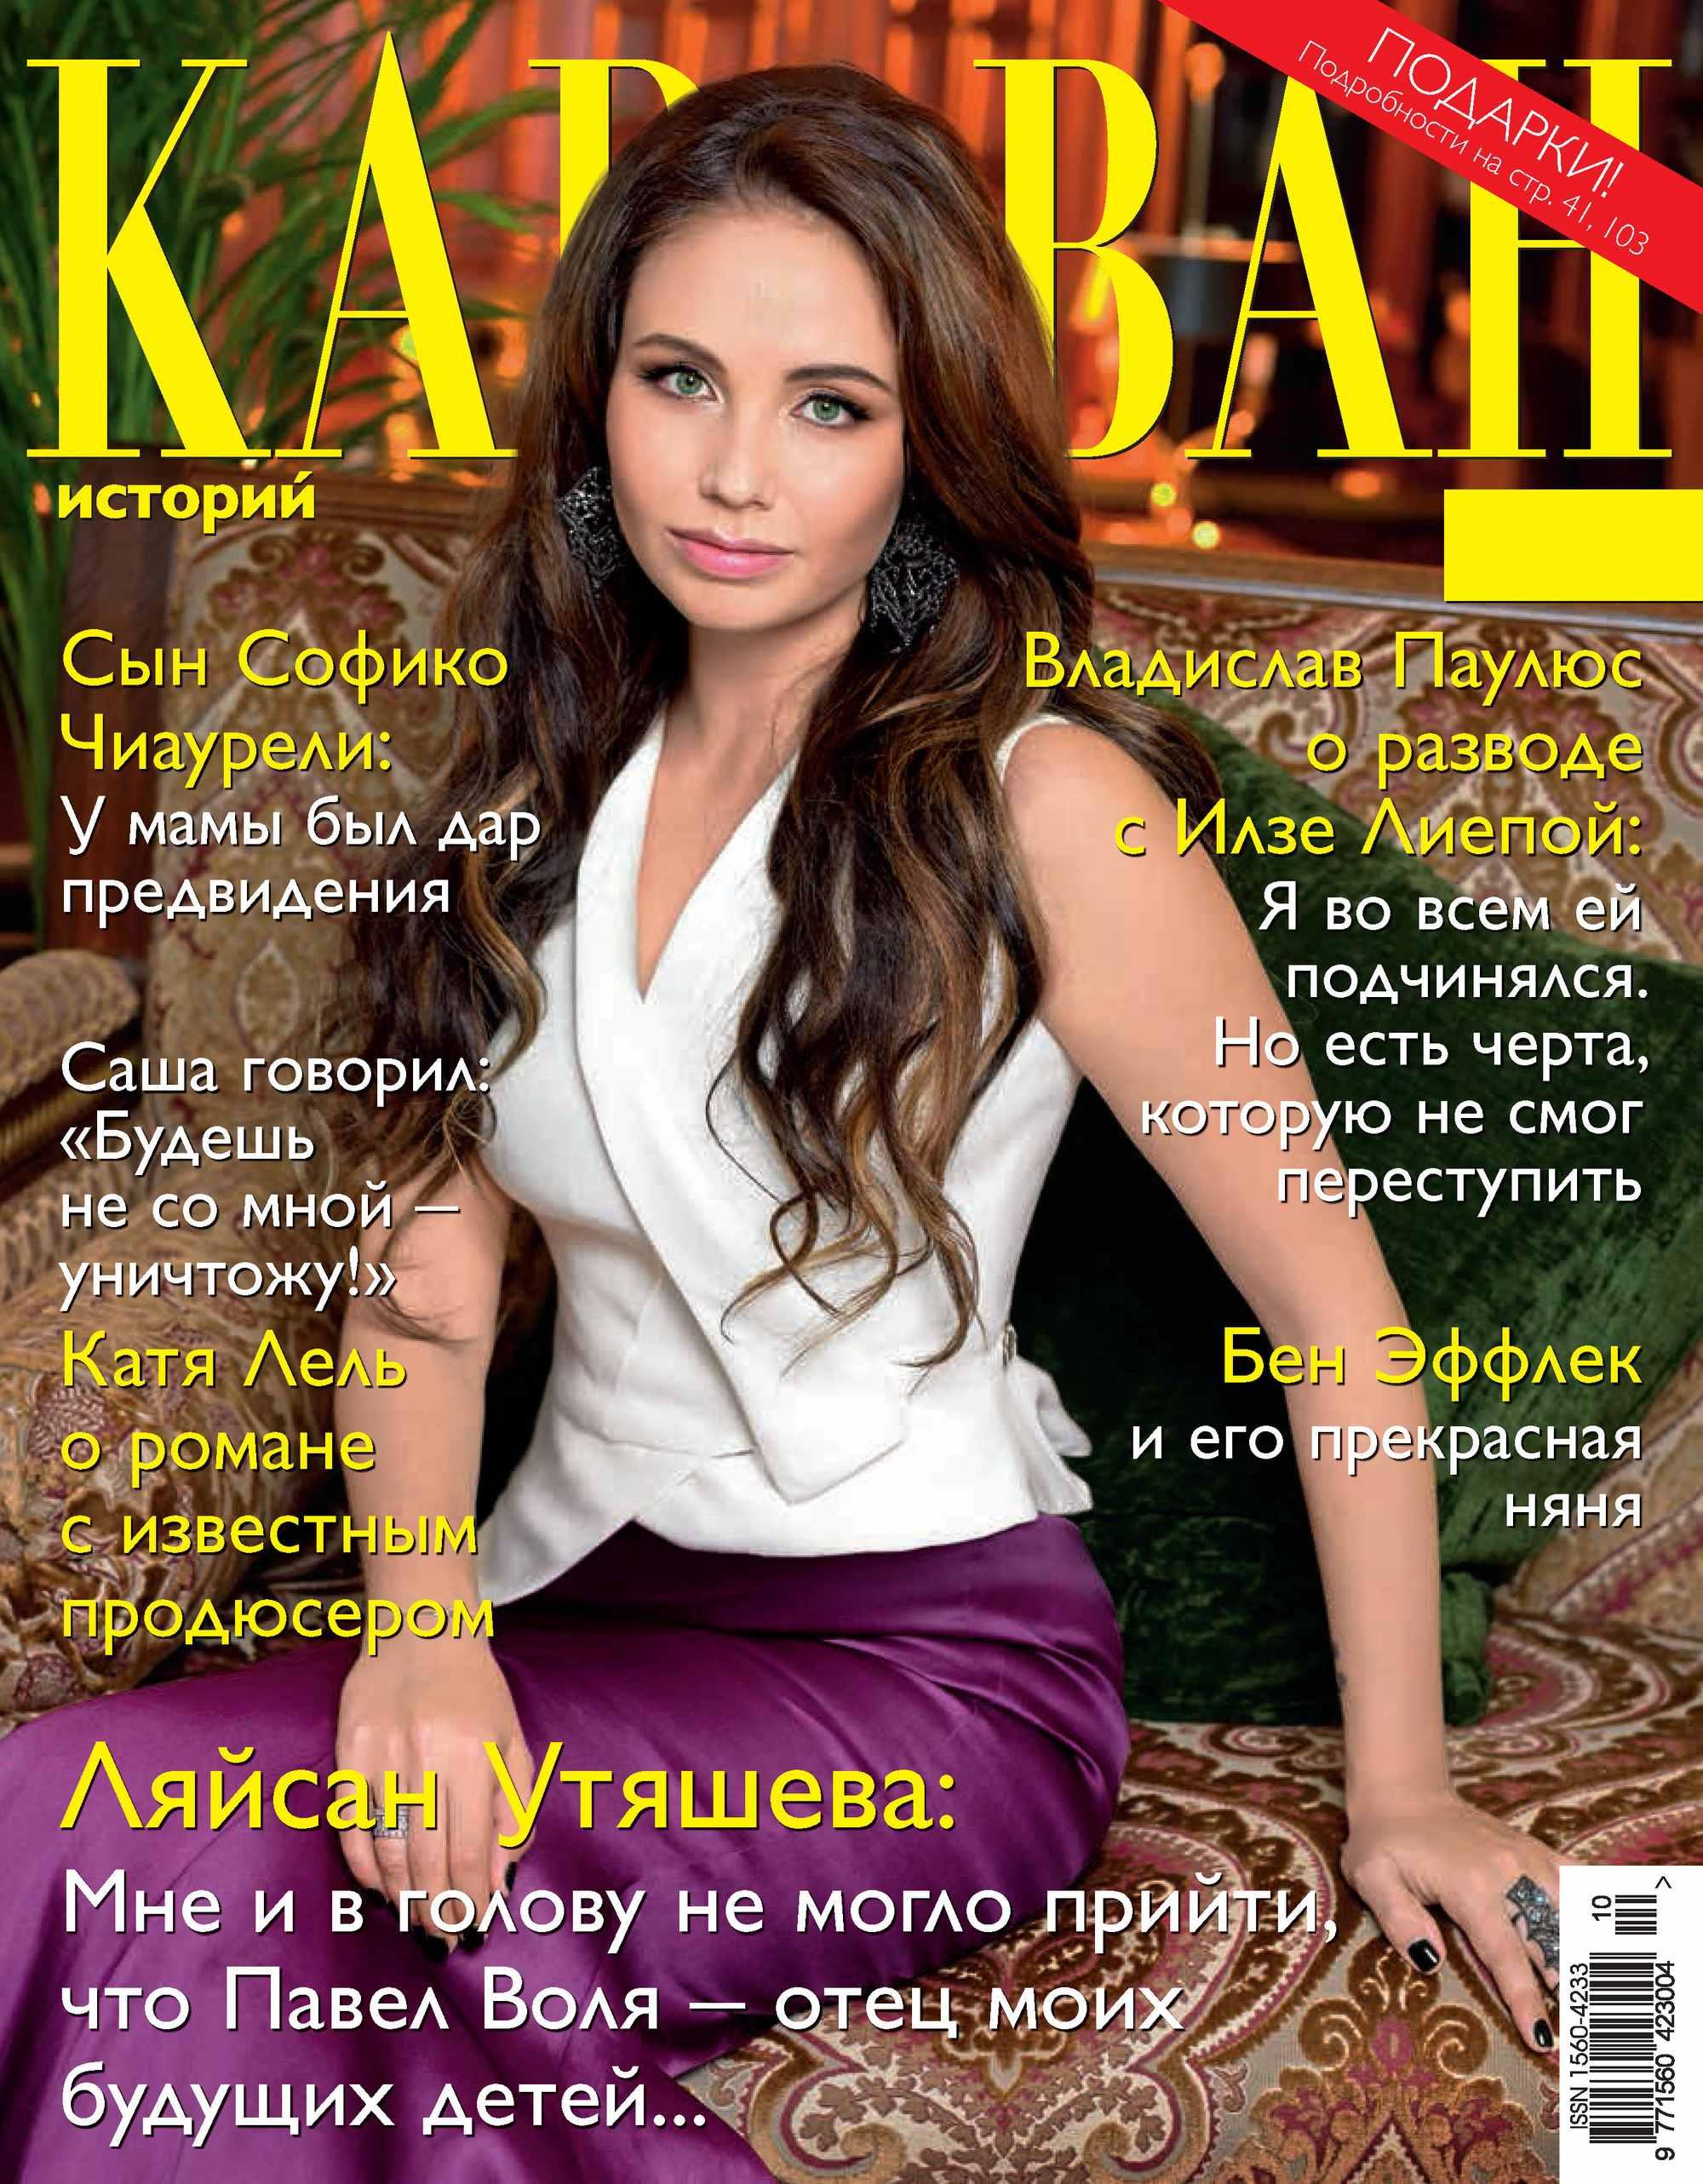 Отсутствует Караван историй №10 / октябрь 2015